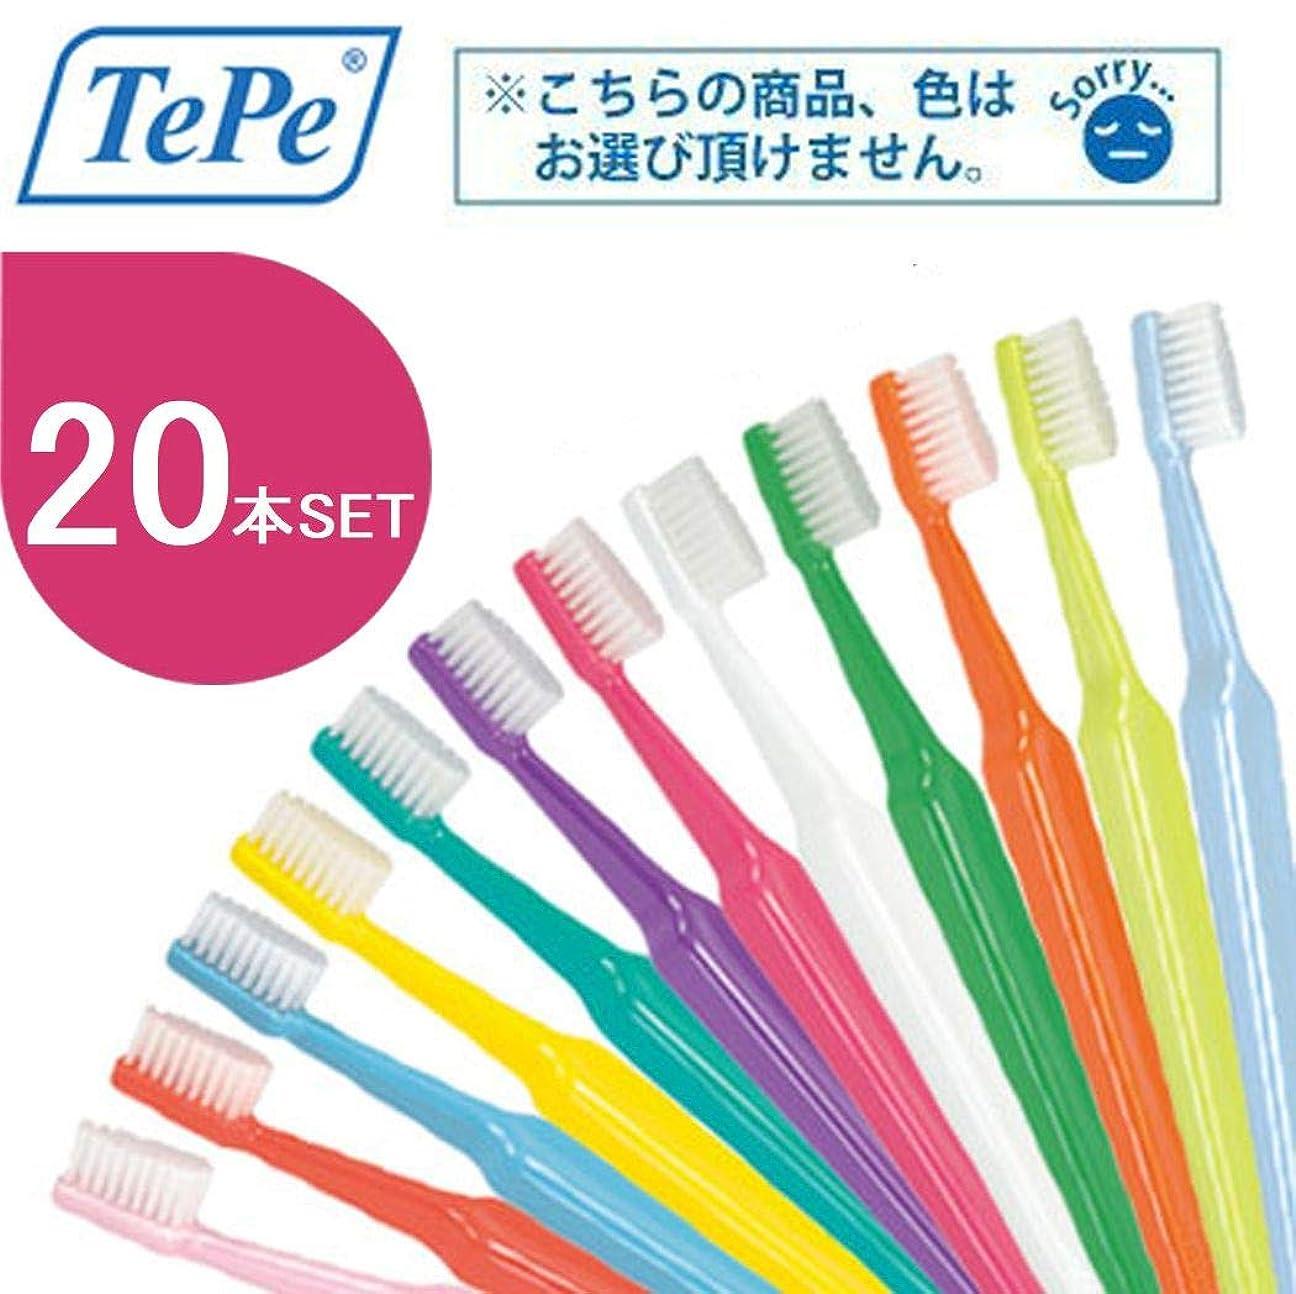 カバー利益ミットクロスフィールド TePe テペ セレクト 歯ブラシ 20本 (エクストラソフト)